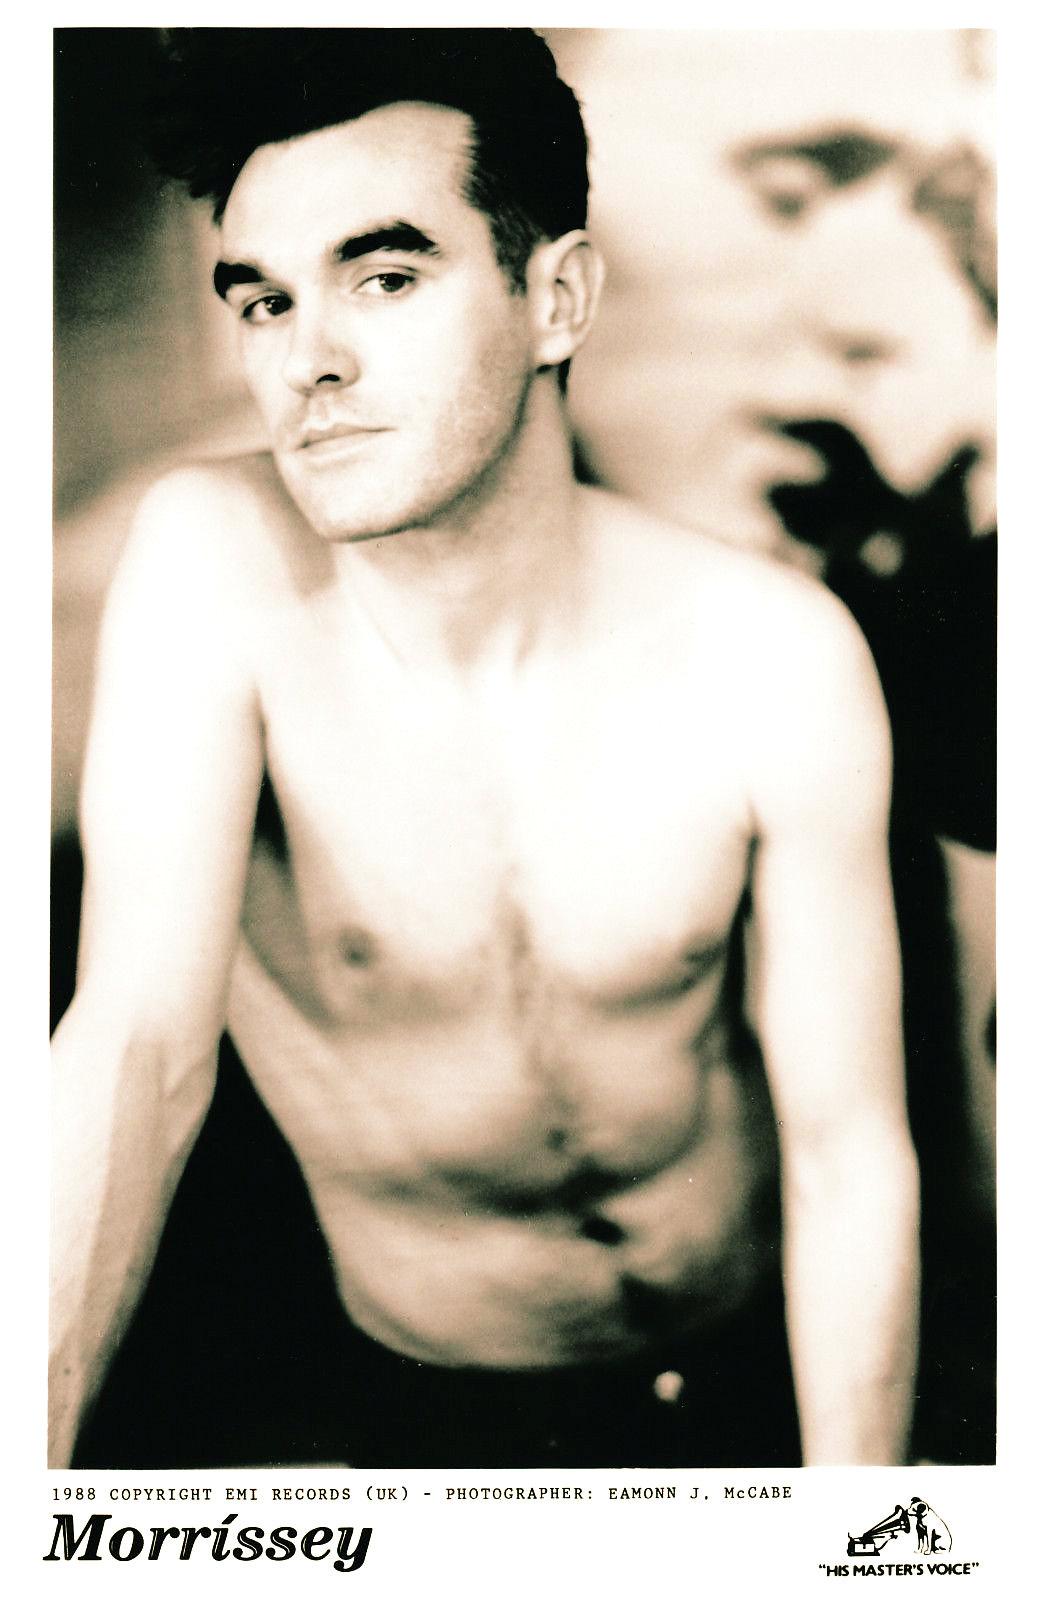 Morrissey Eammon J McCabe 1988+.jpg